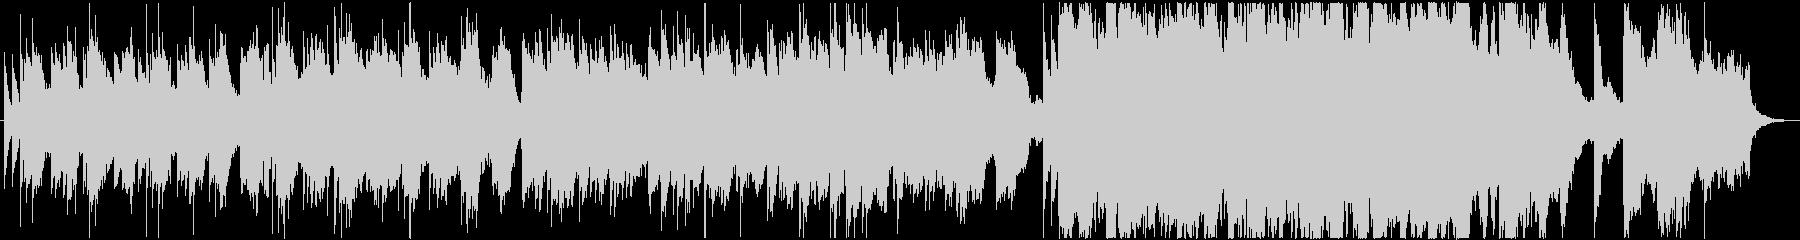 ピアノとストリングスによるラブバラードの未再生の波形